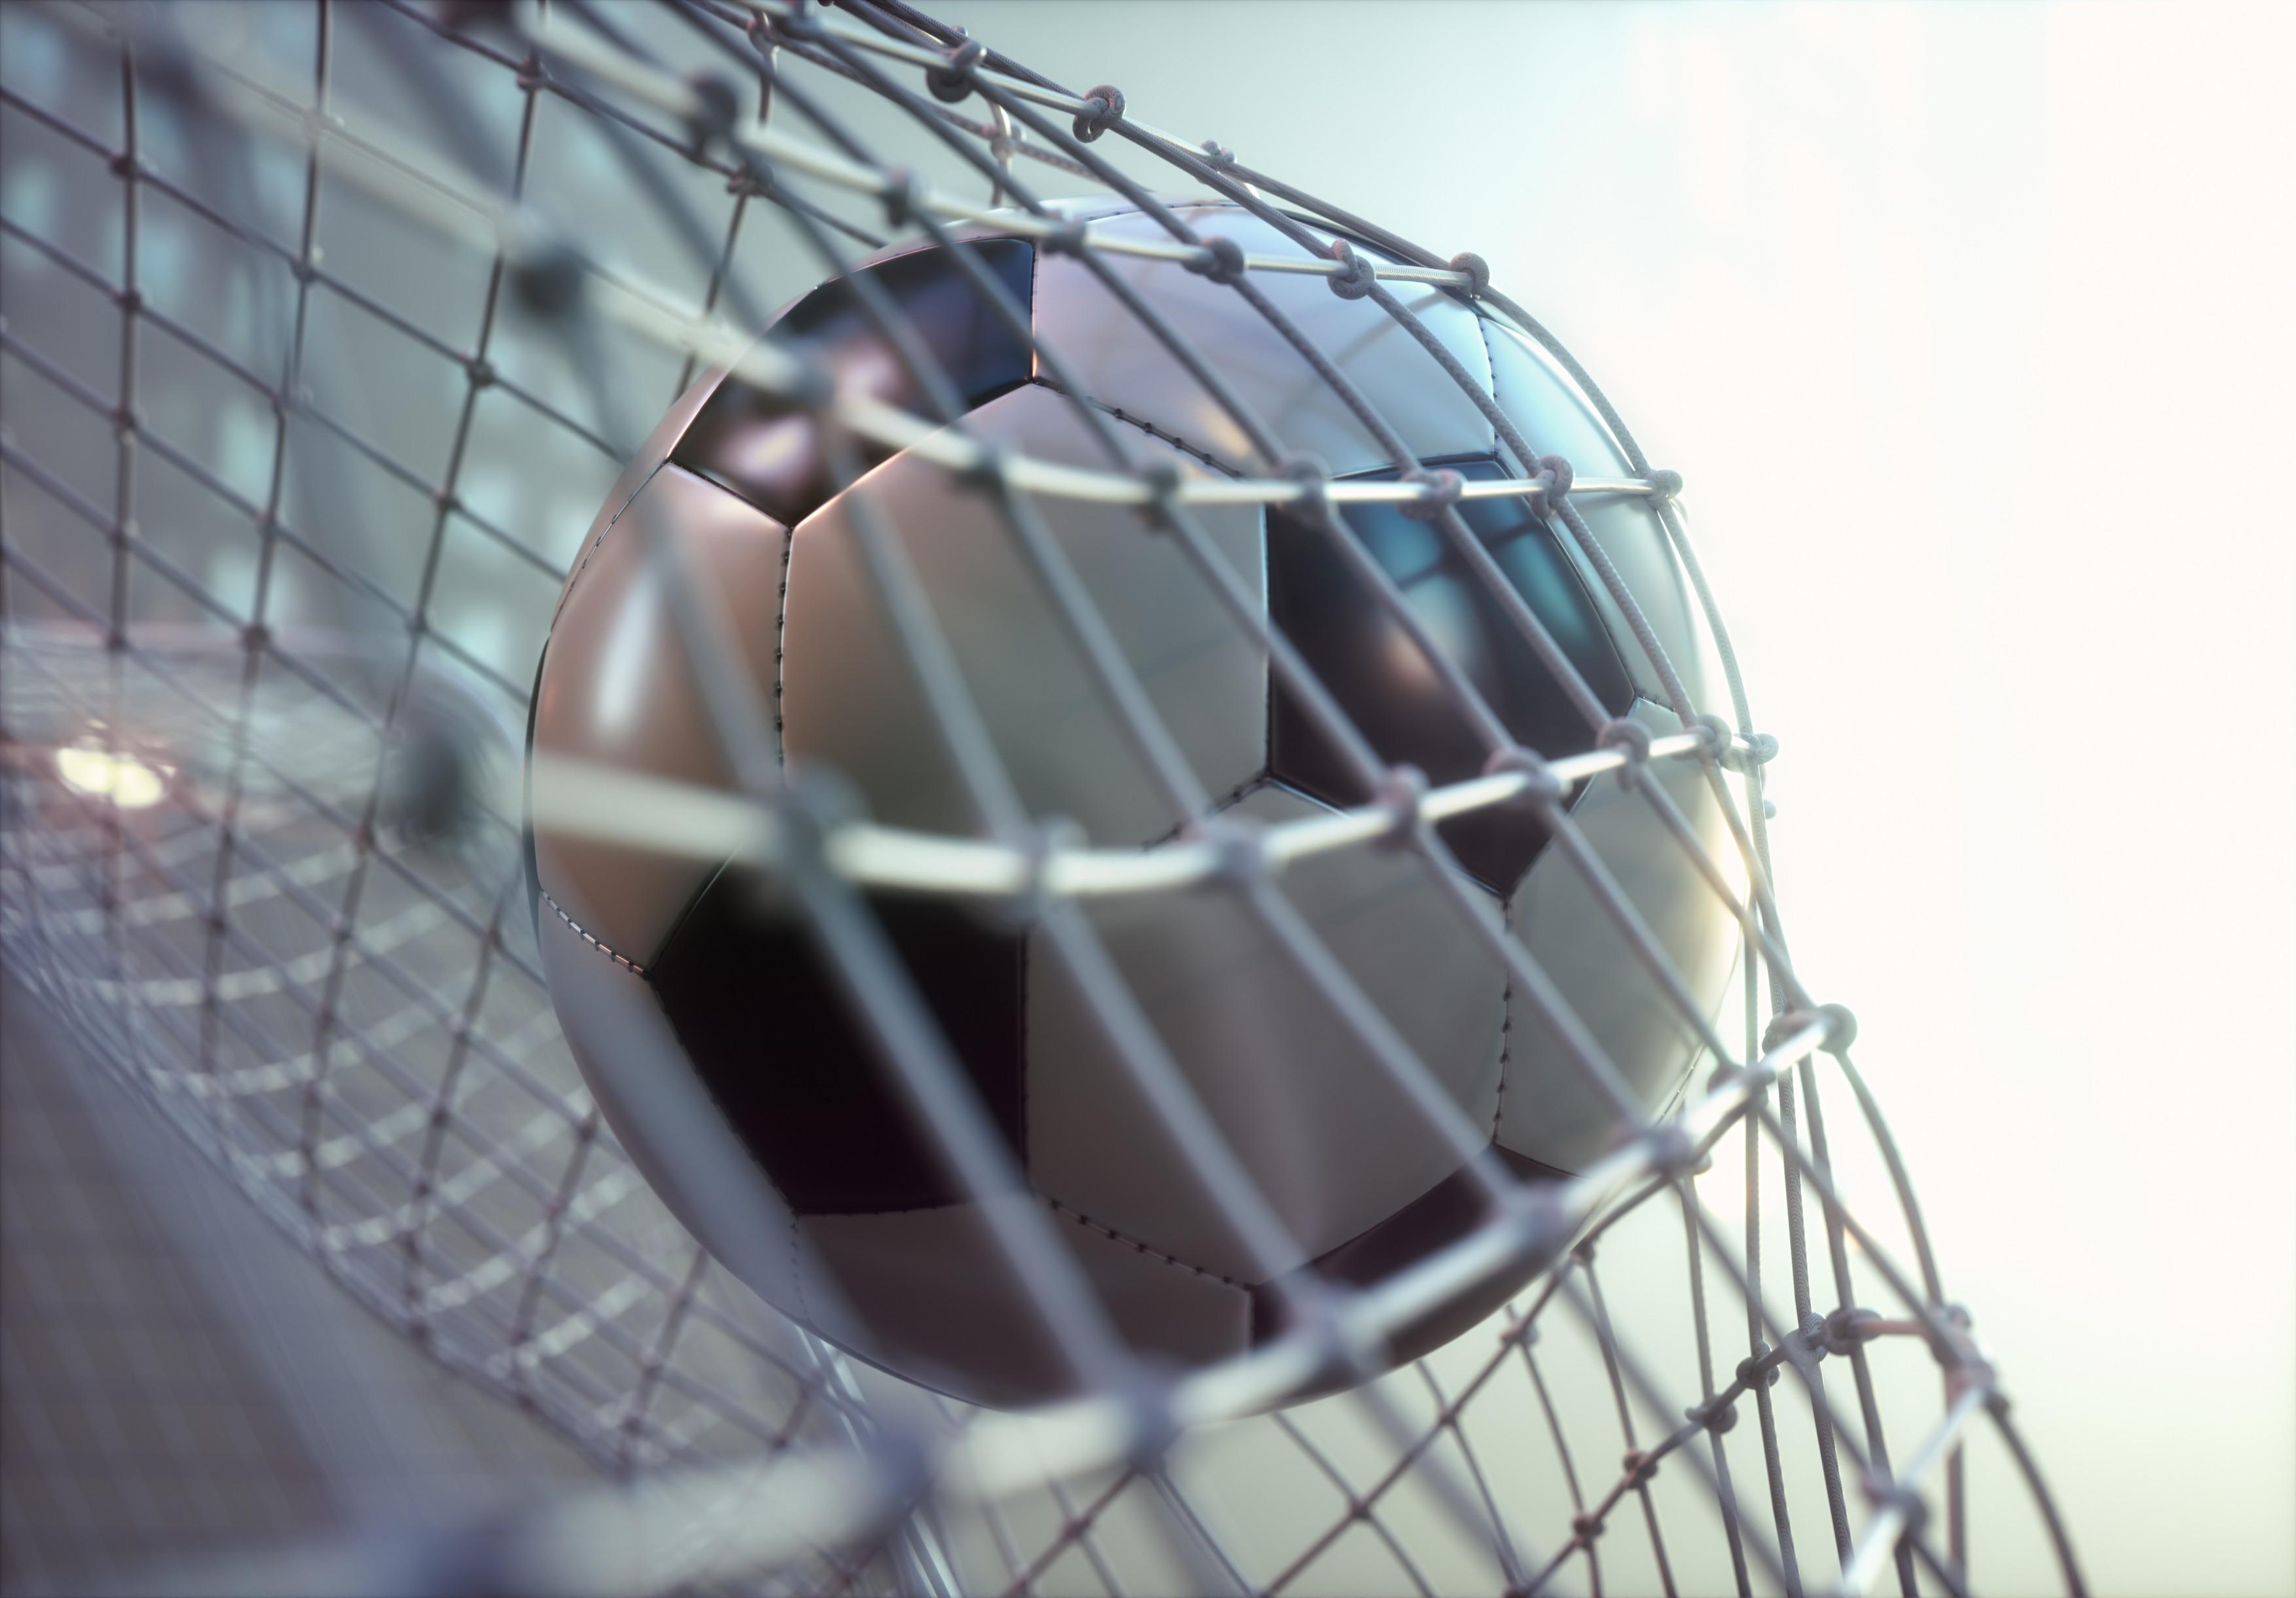 UEFA a abolit o regula veche din 1965. La meciurile in dubla manşa, golul marcat in deplasare nu mai are valoare dubla